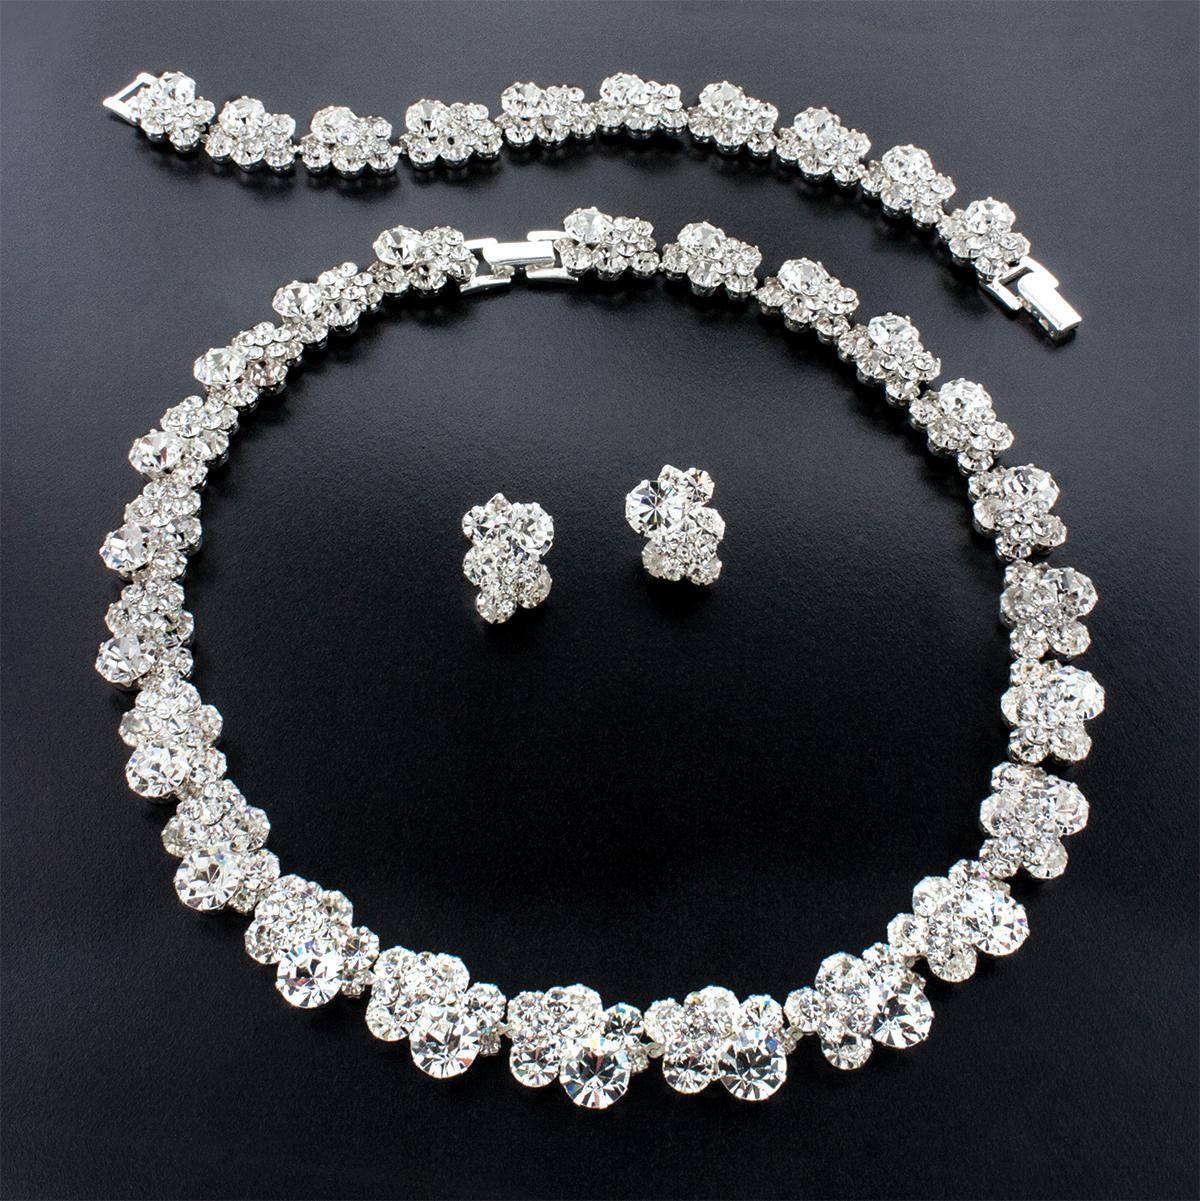 Bridal Jewelry Store in Mahwah NJ Giavan